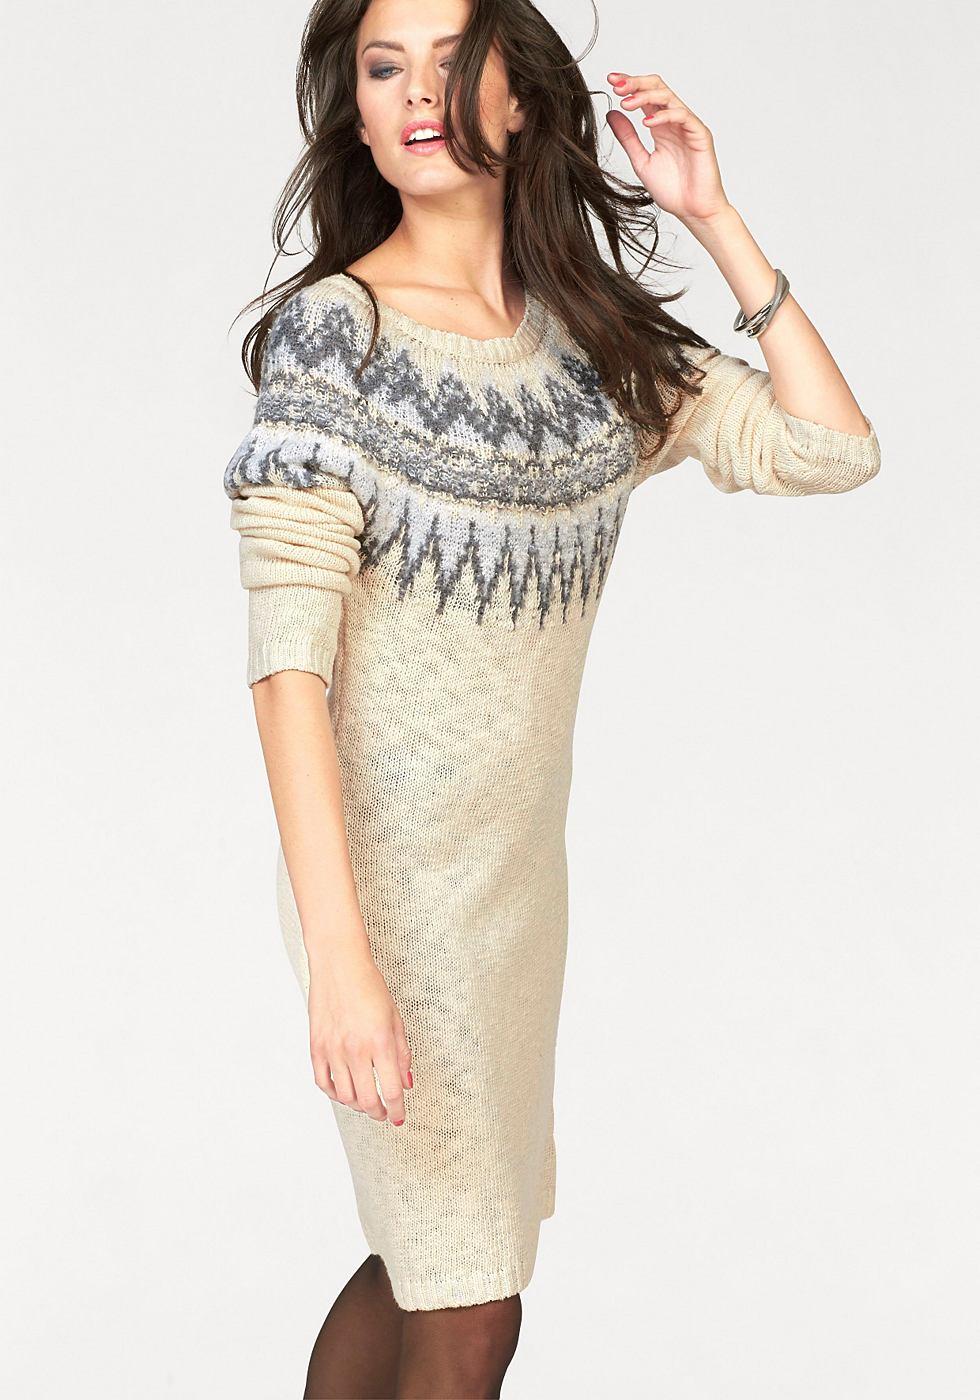 Aniston tricotjurk wit